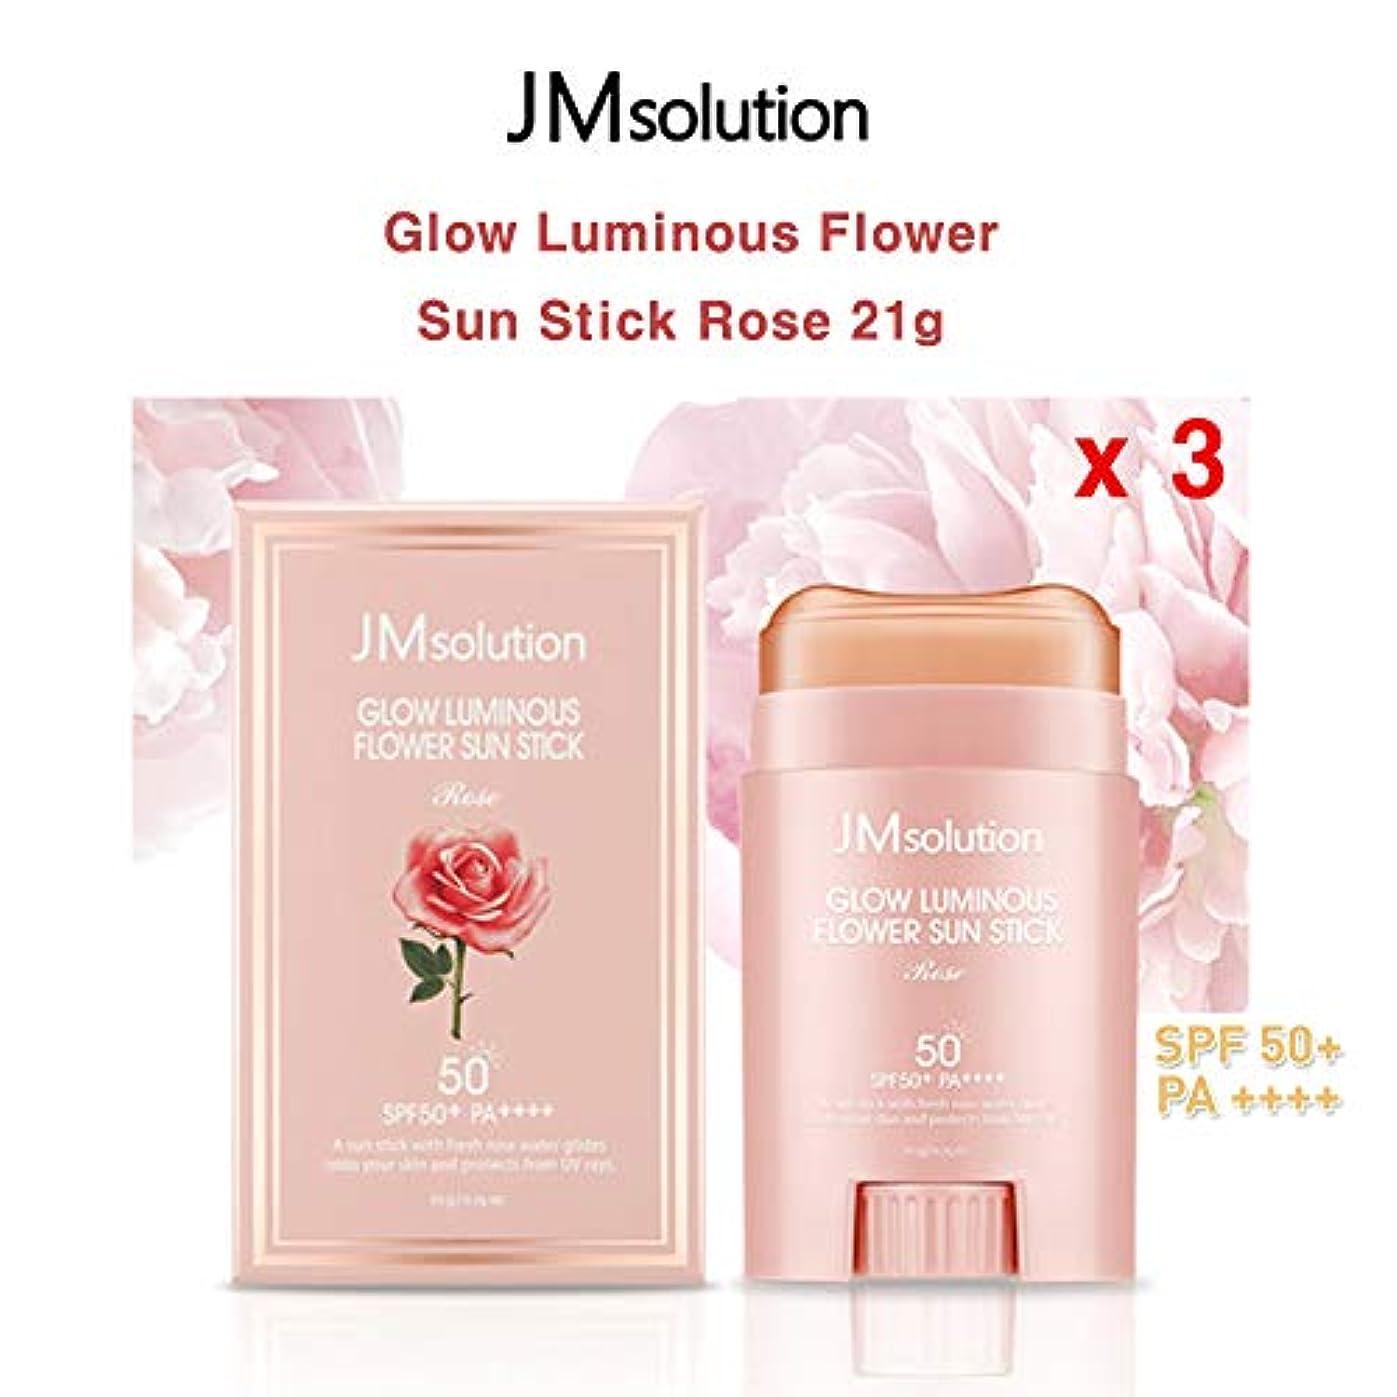 分リーダーシップ水分JM Solution ★1+1+1★ Glow Luminous Flower Sun Stick Rose 21g (spf50 PA) 光る輝く花Sun Stick Rose